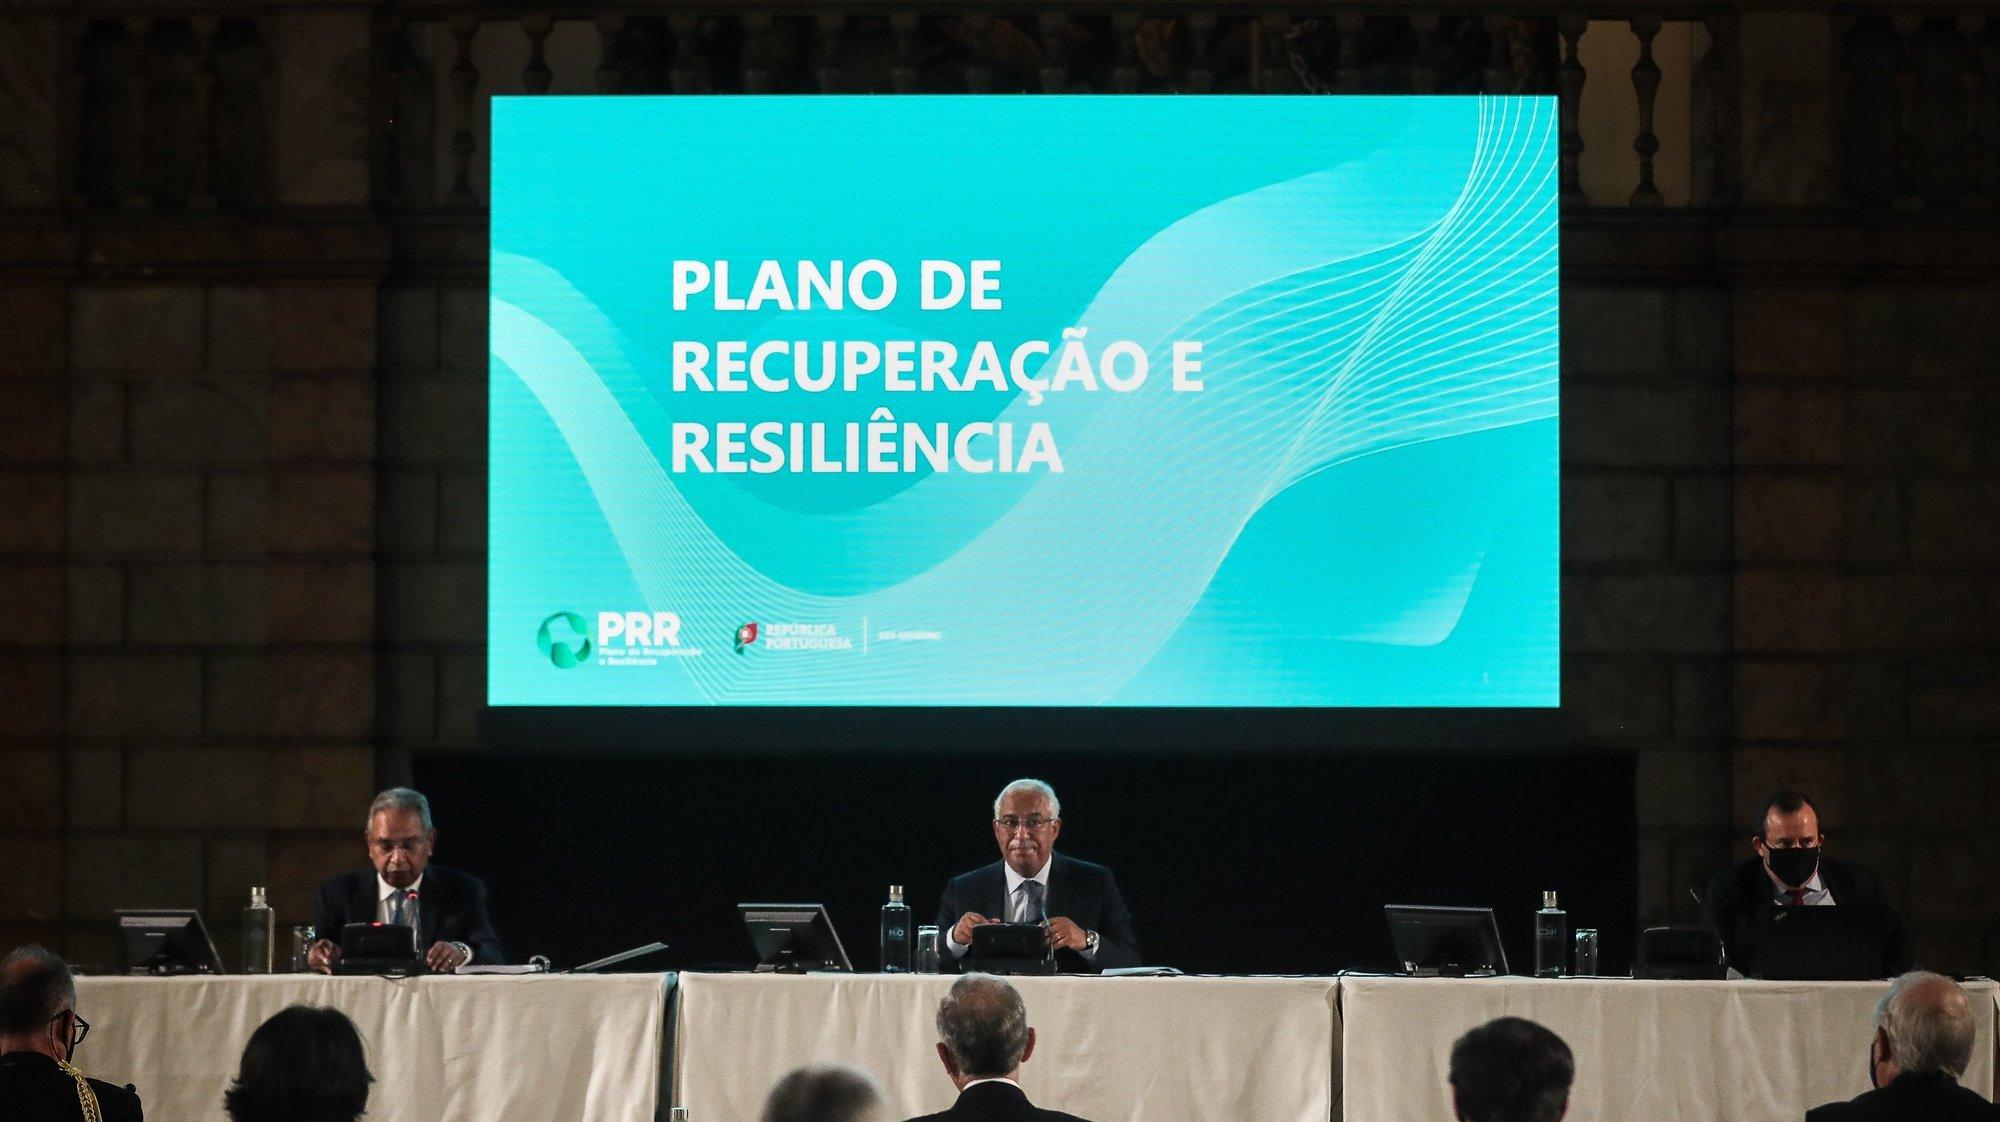 O primeiro-ministro, António Costa (D), e o ministro do Planeamento, Nelson de Souza (E), momentos antes da apresentação do Plano de Recuperação e Resiliência (PRR), no Antigo Picadeiro Real do Palácio de Belém, em Lisboa, 16 de abril de 2021. MÁRIO CRUZ/LUSA